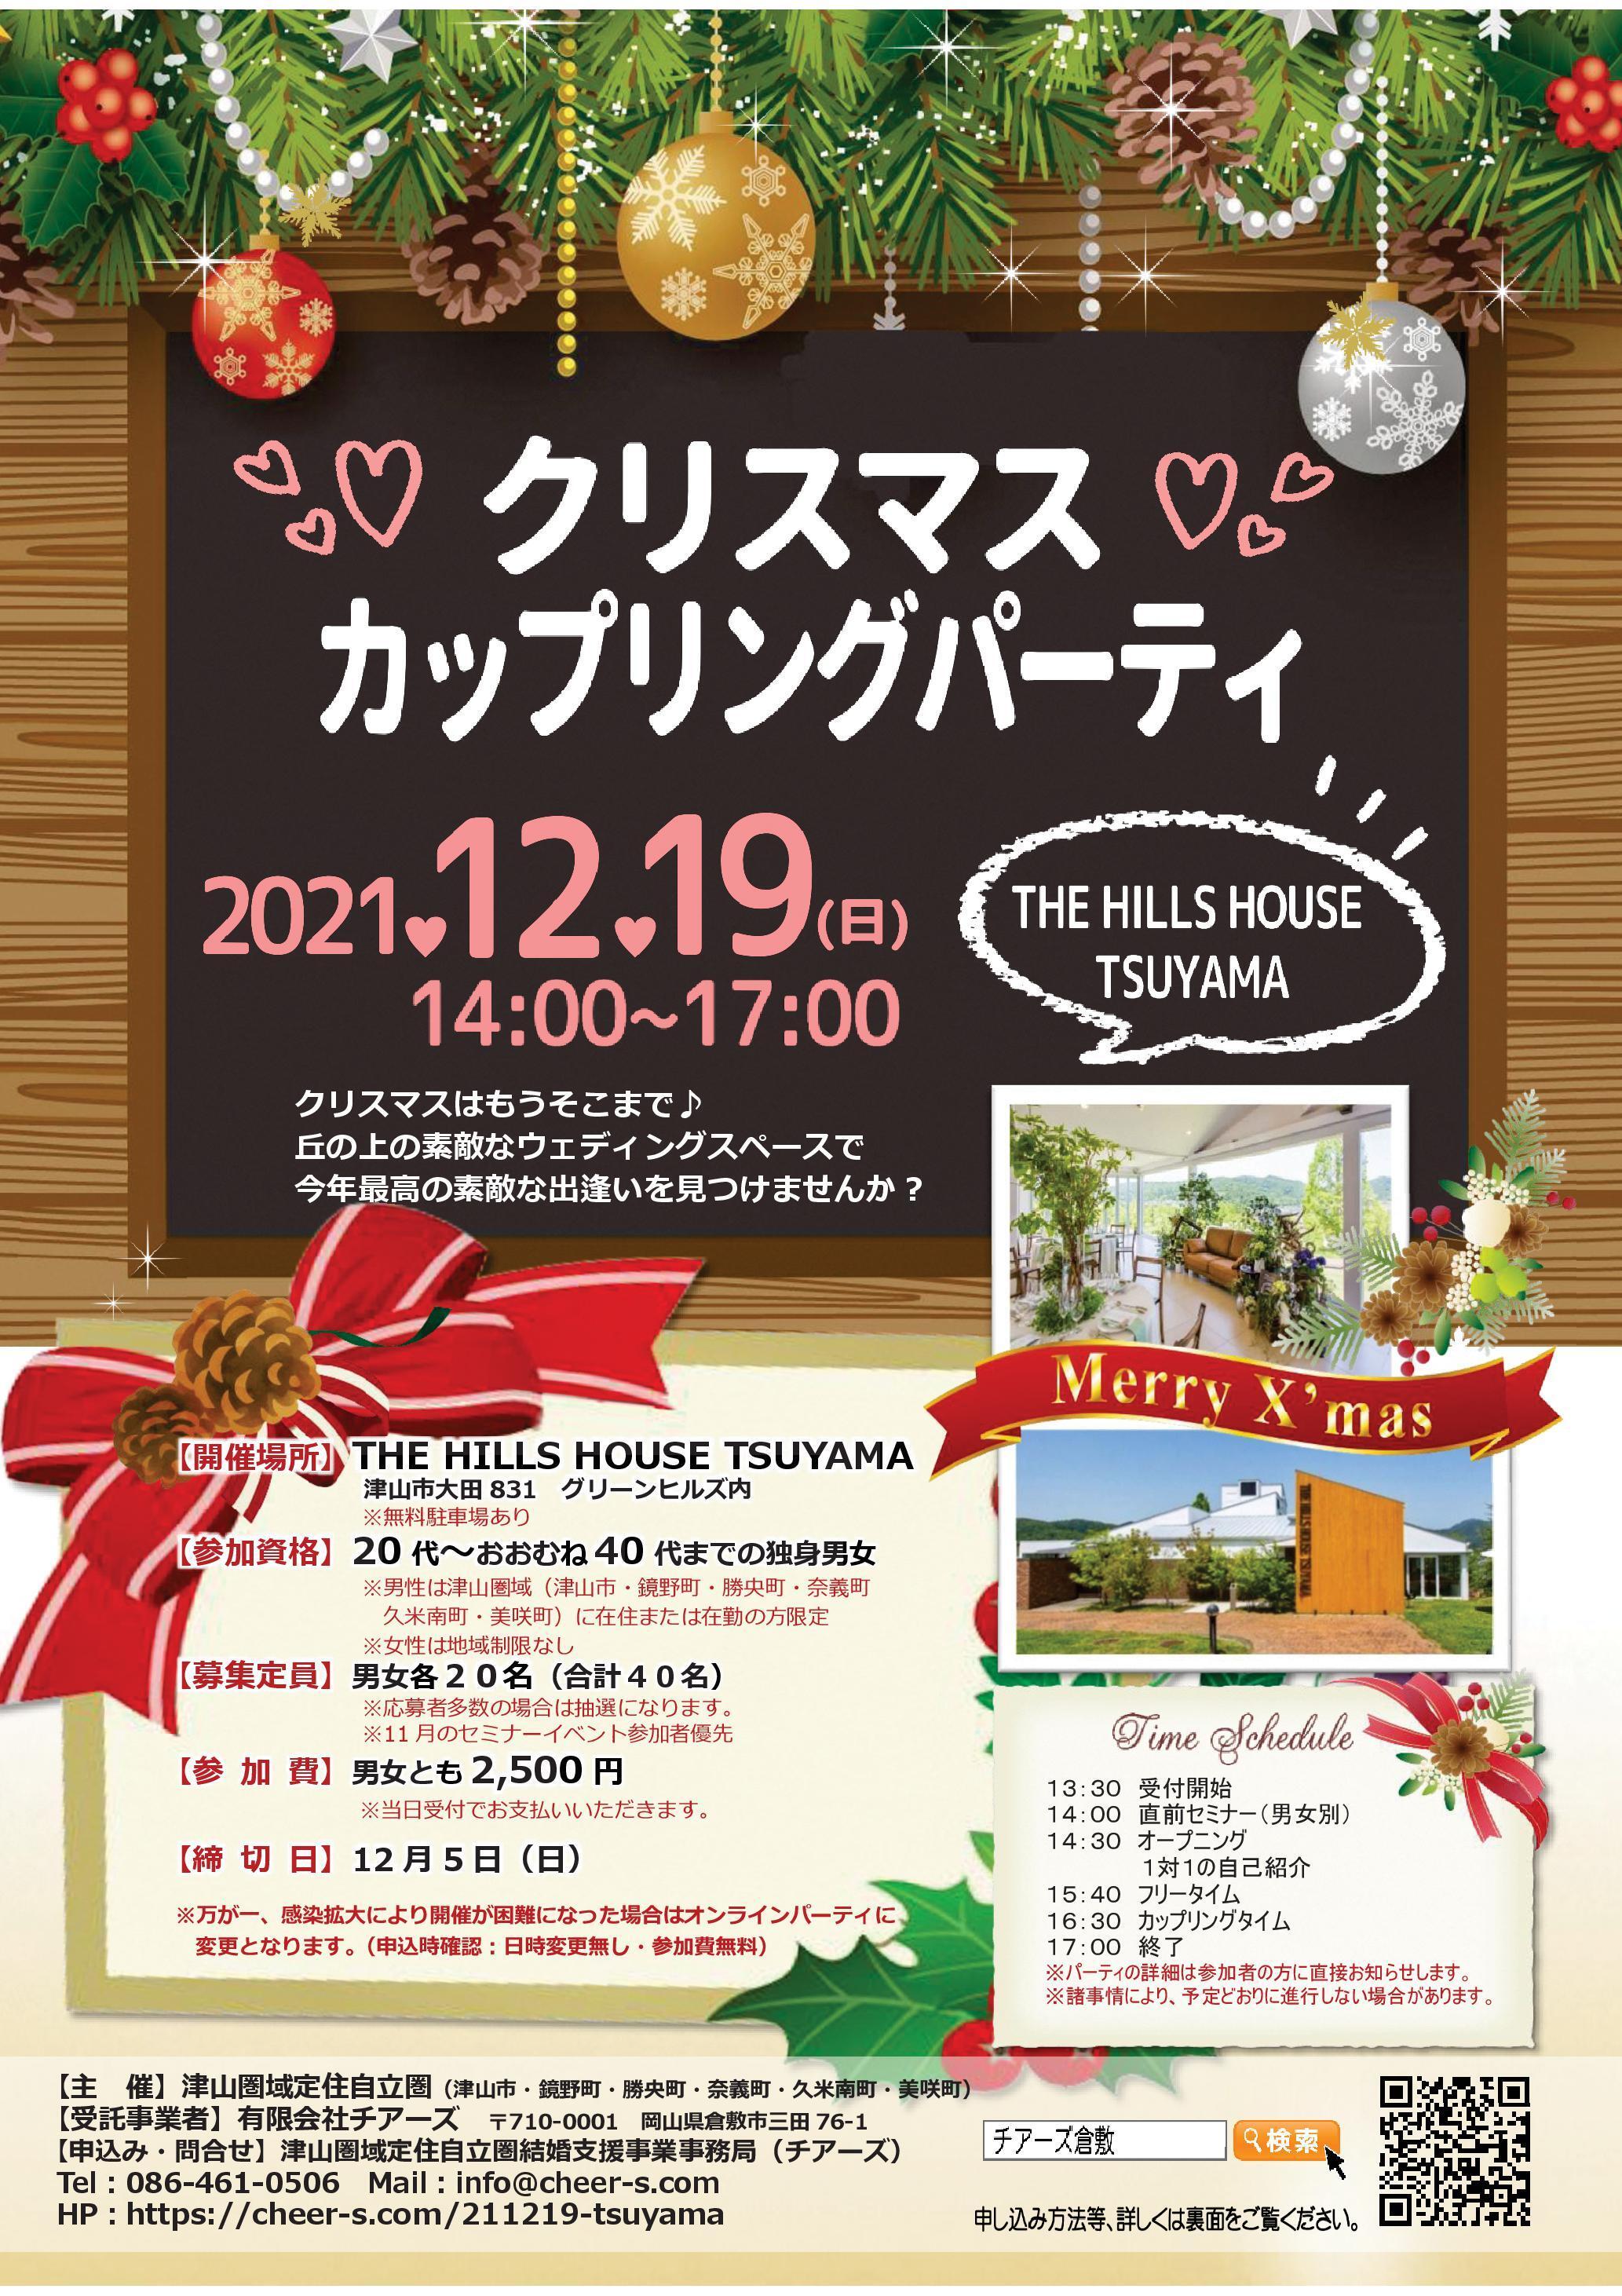 2021年12月19日(日)開催 「クリスマスカップリングパーティ」参加者募集のお知らせ